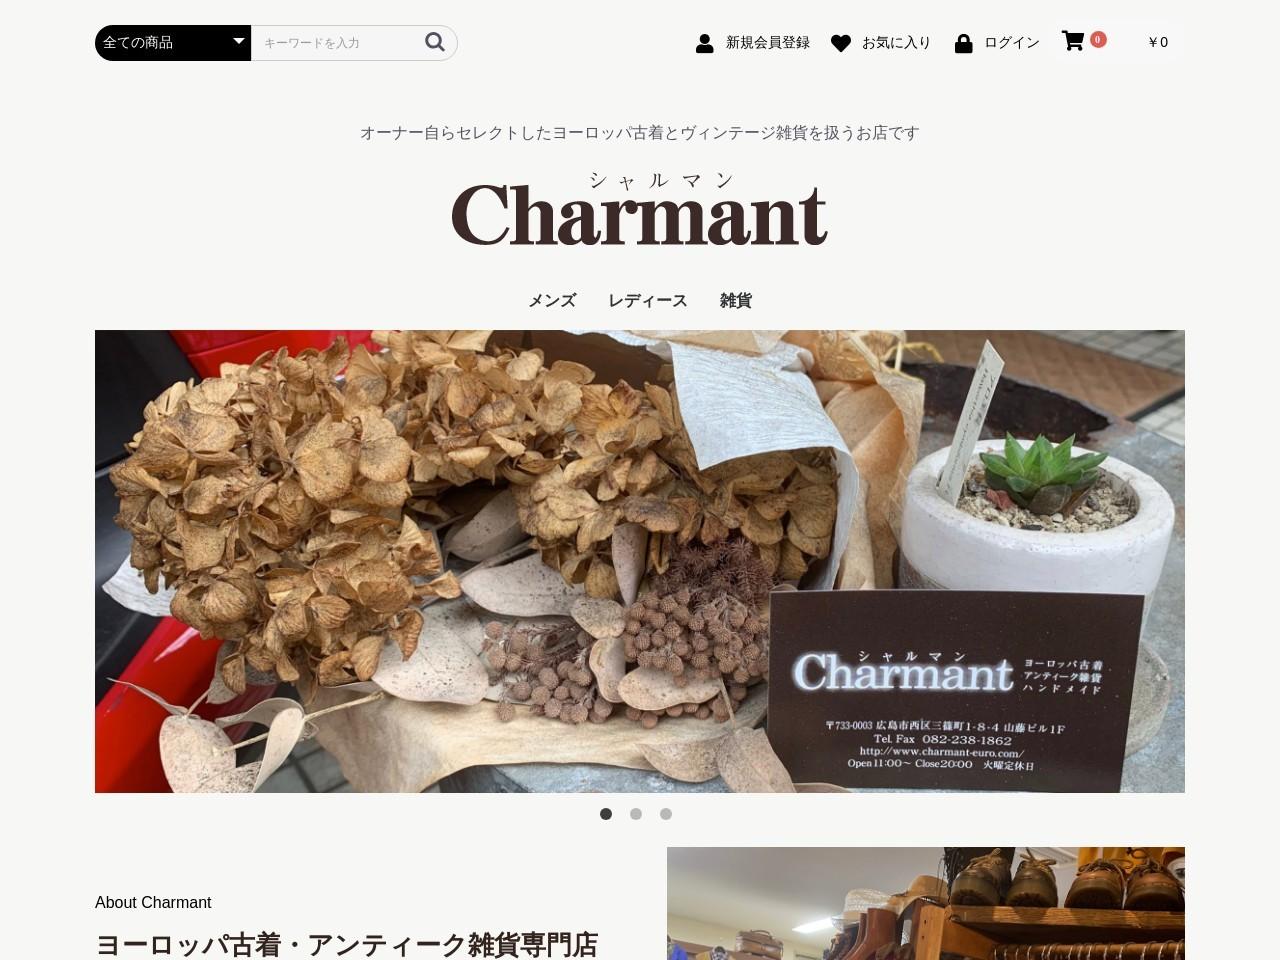 ヨーロッパ古着・アンティーク雑貨 Charmant「シャルマン」 - Home